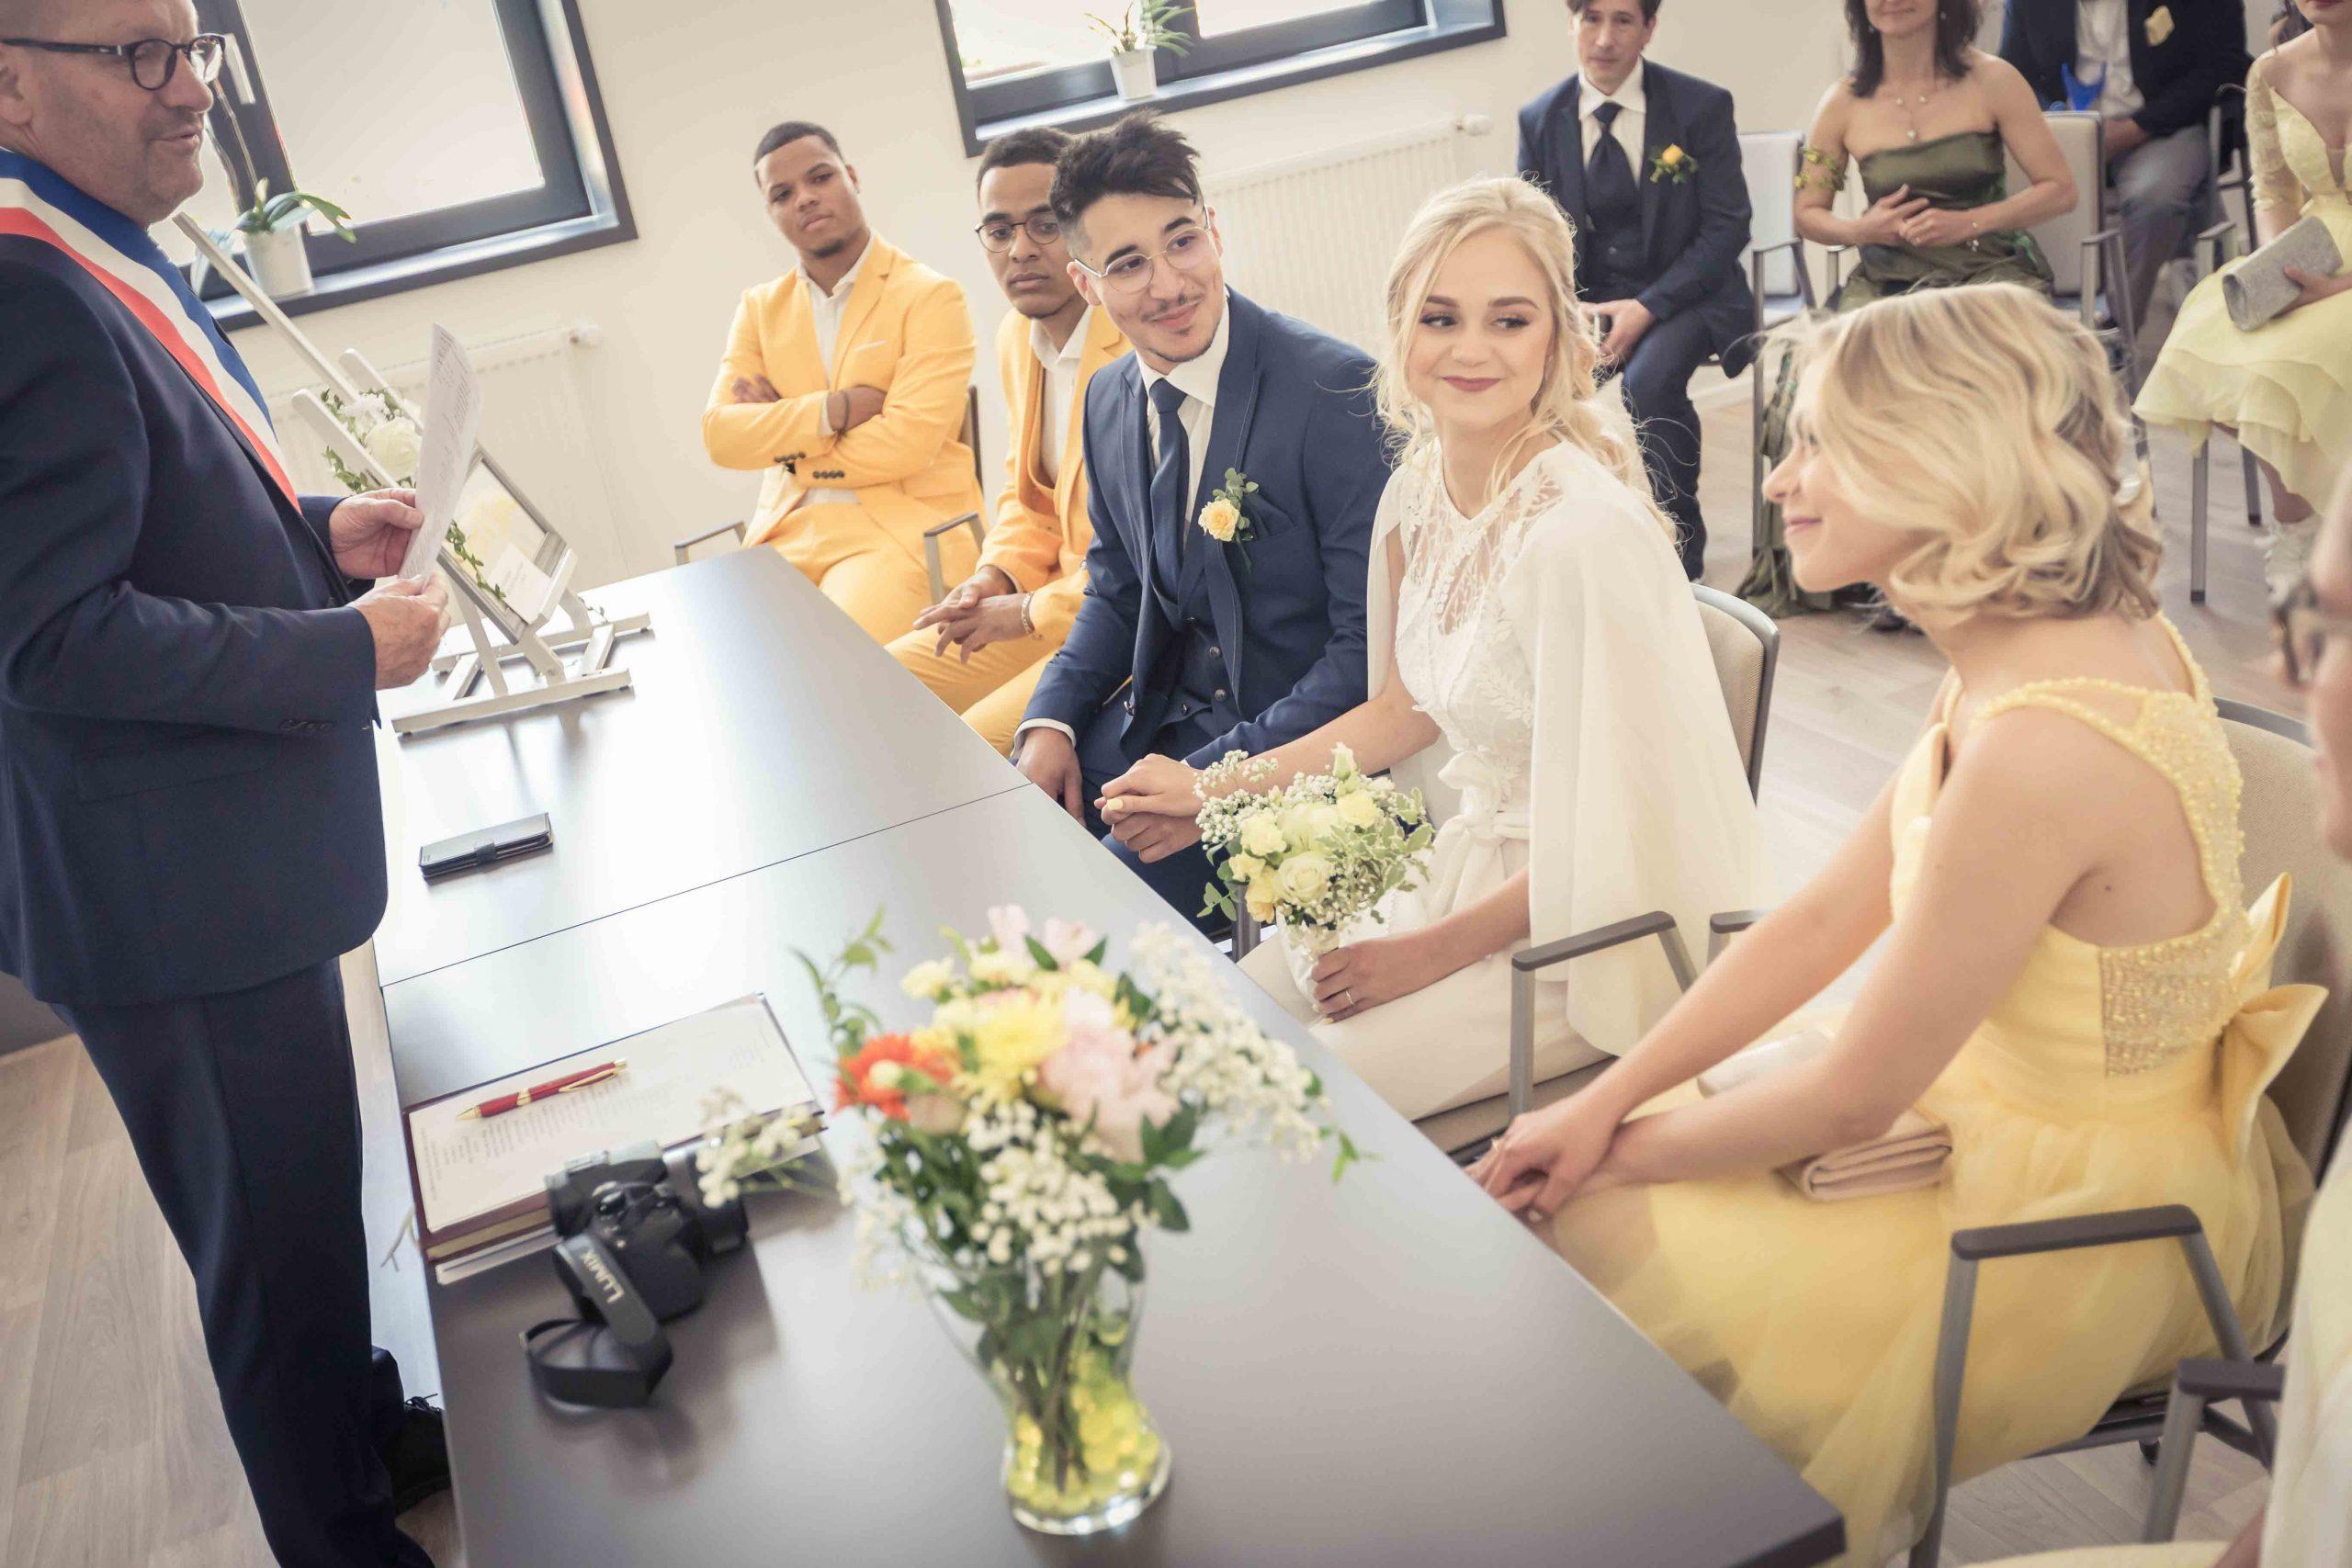 cérémonie de mariage à la mairie et regards plein d'émotion de la mariée